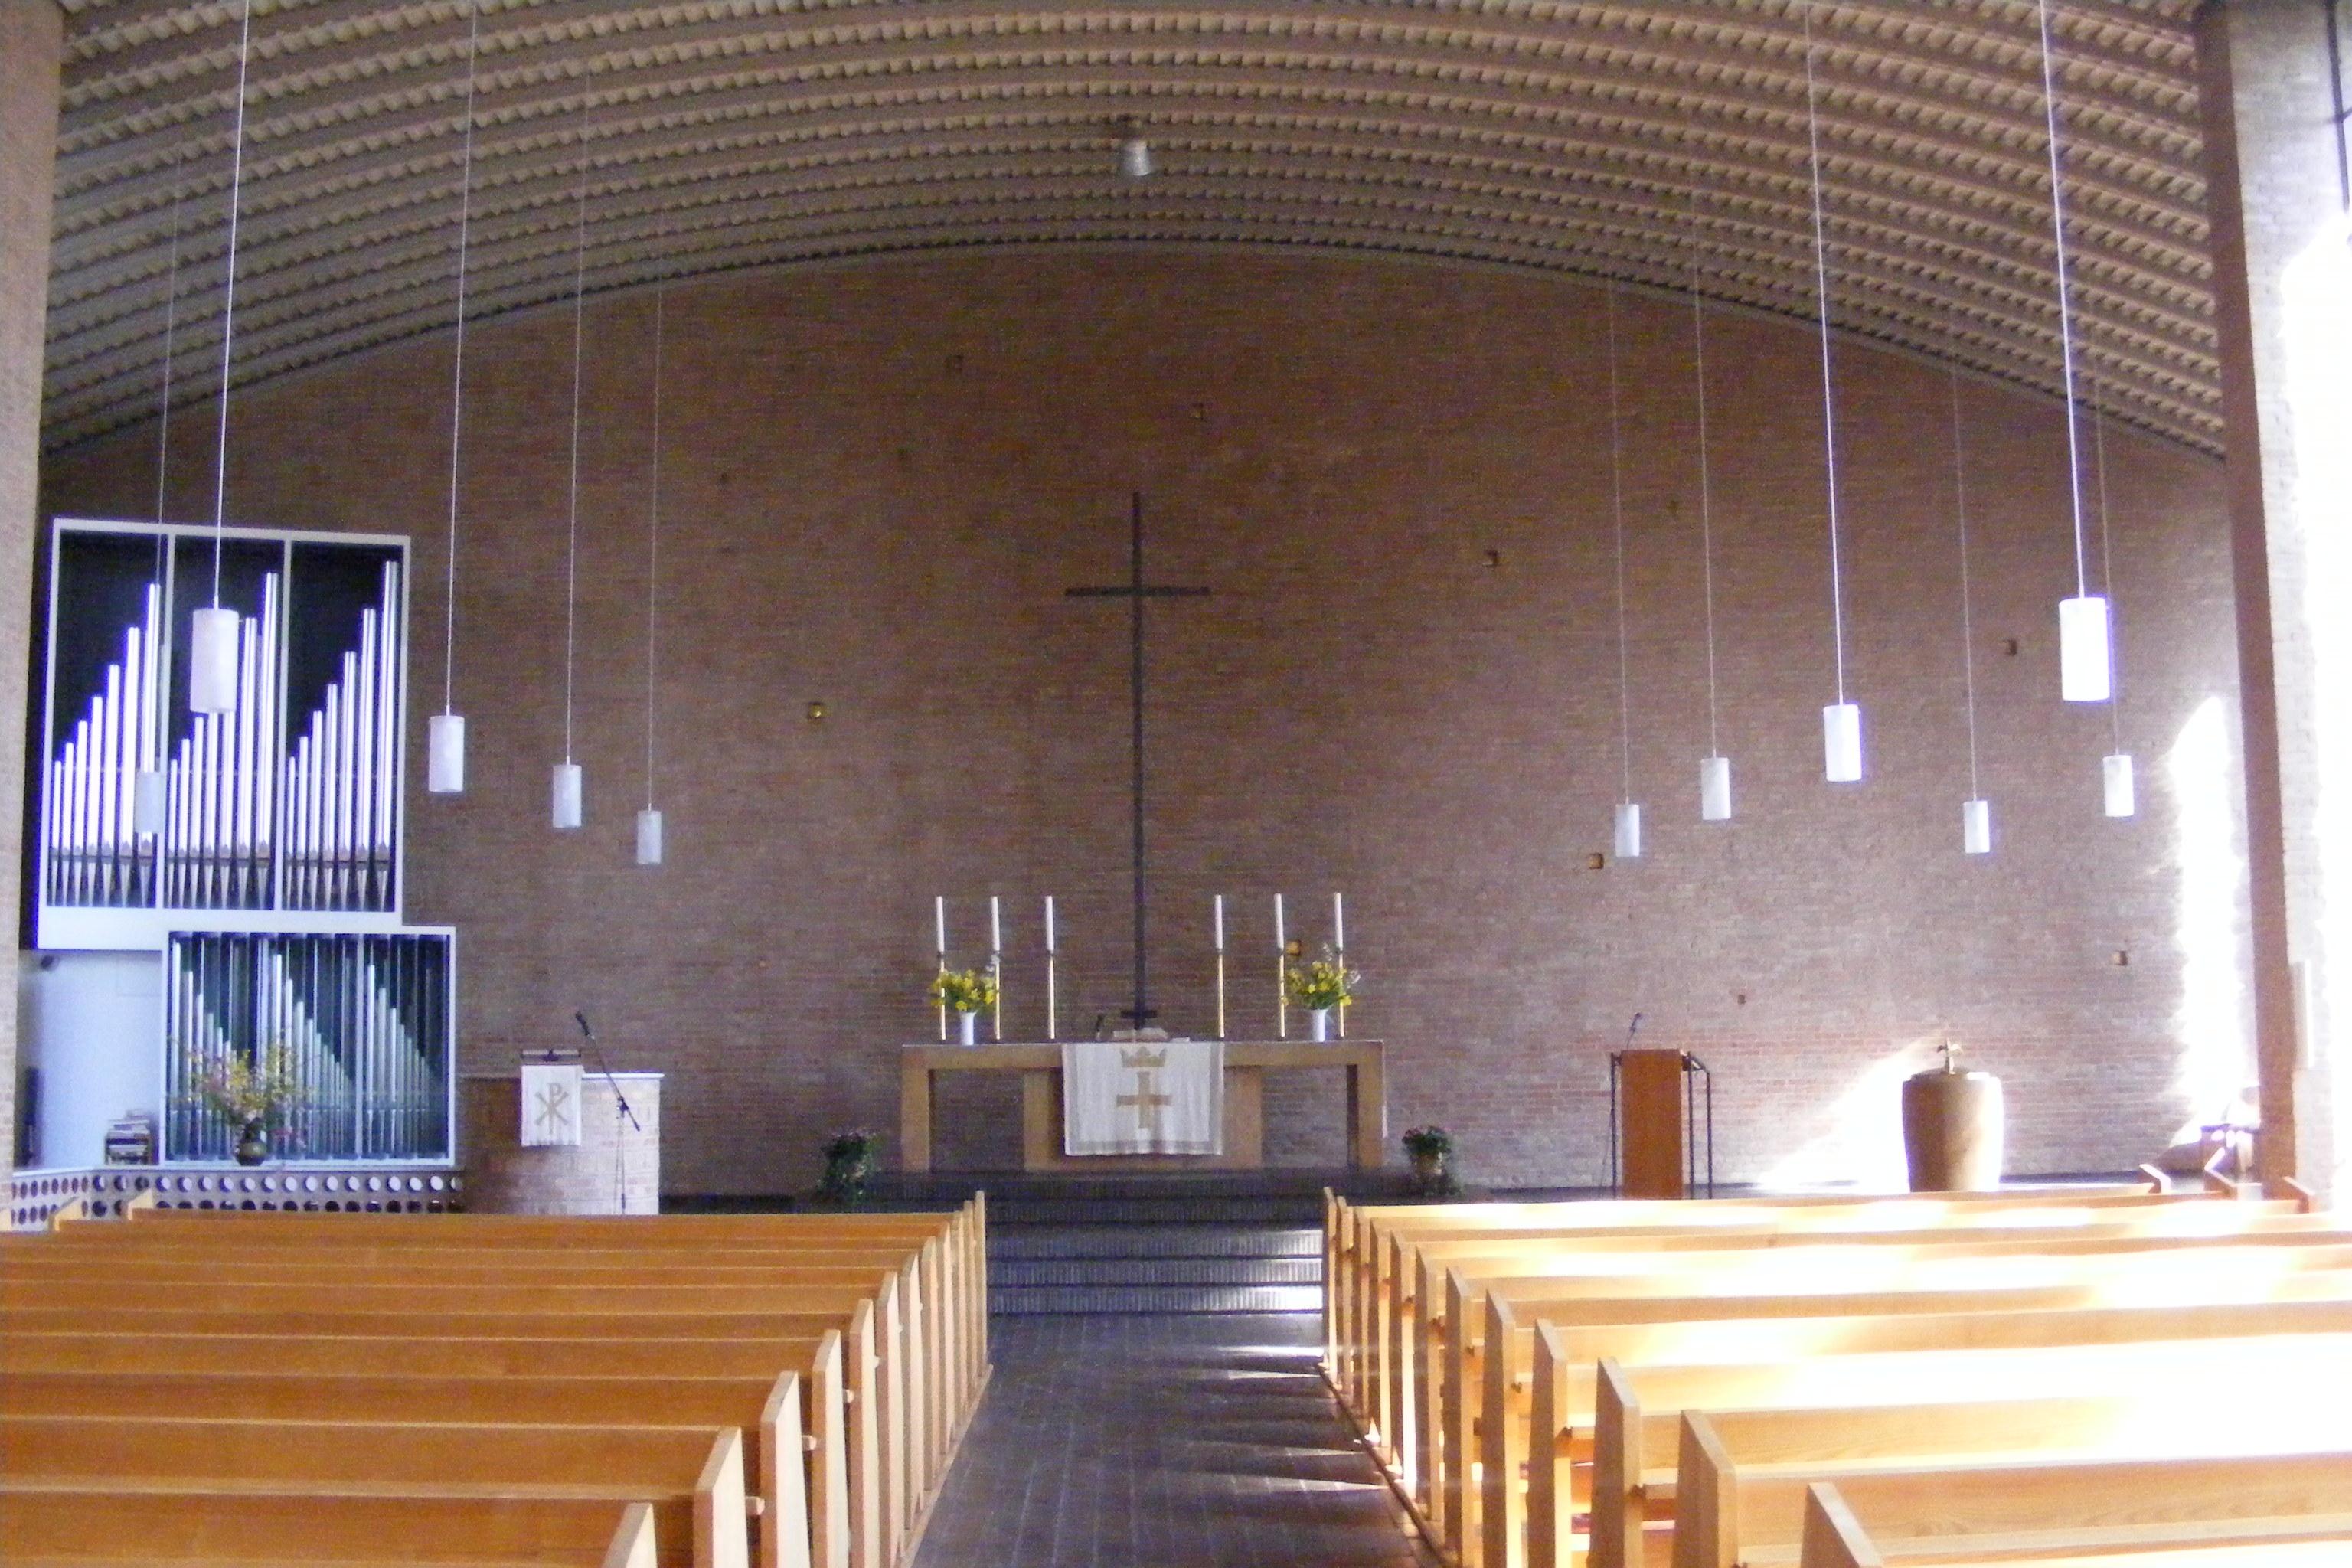 Eintritt In Die Ev Kirche Ev Luth Emmaus Kirchengemeinde